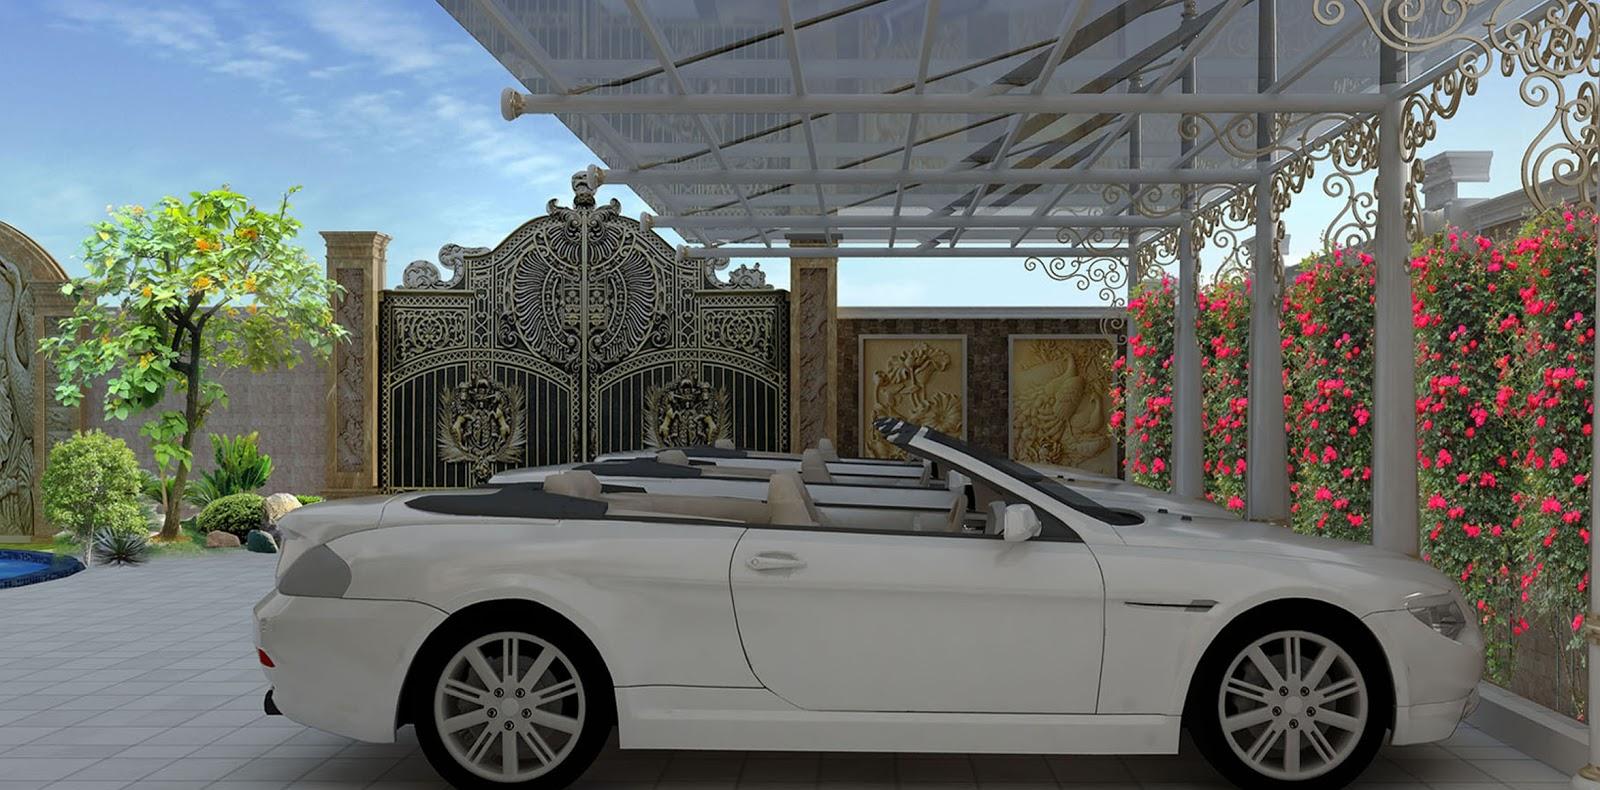 Thiết kế sân vườn nội thất biệt thự cổ tại Biên Hoà